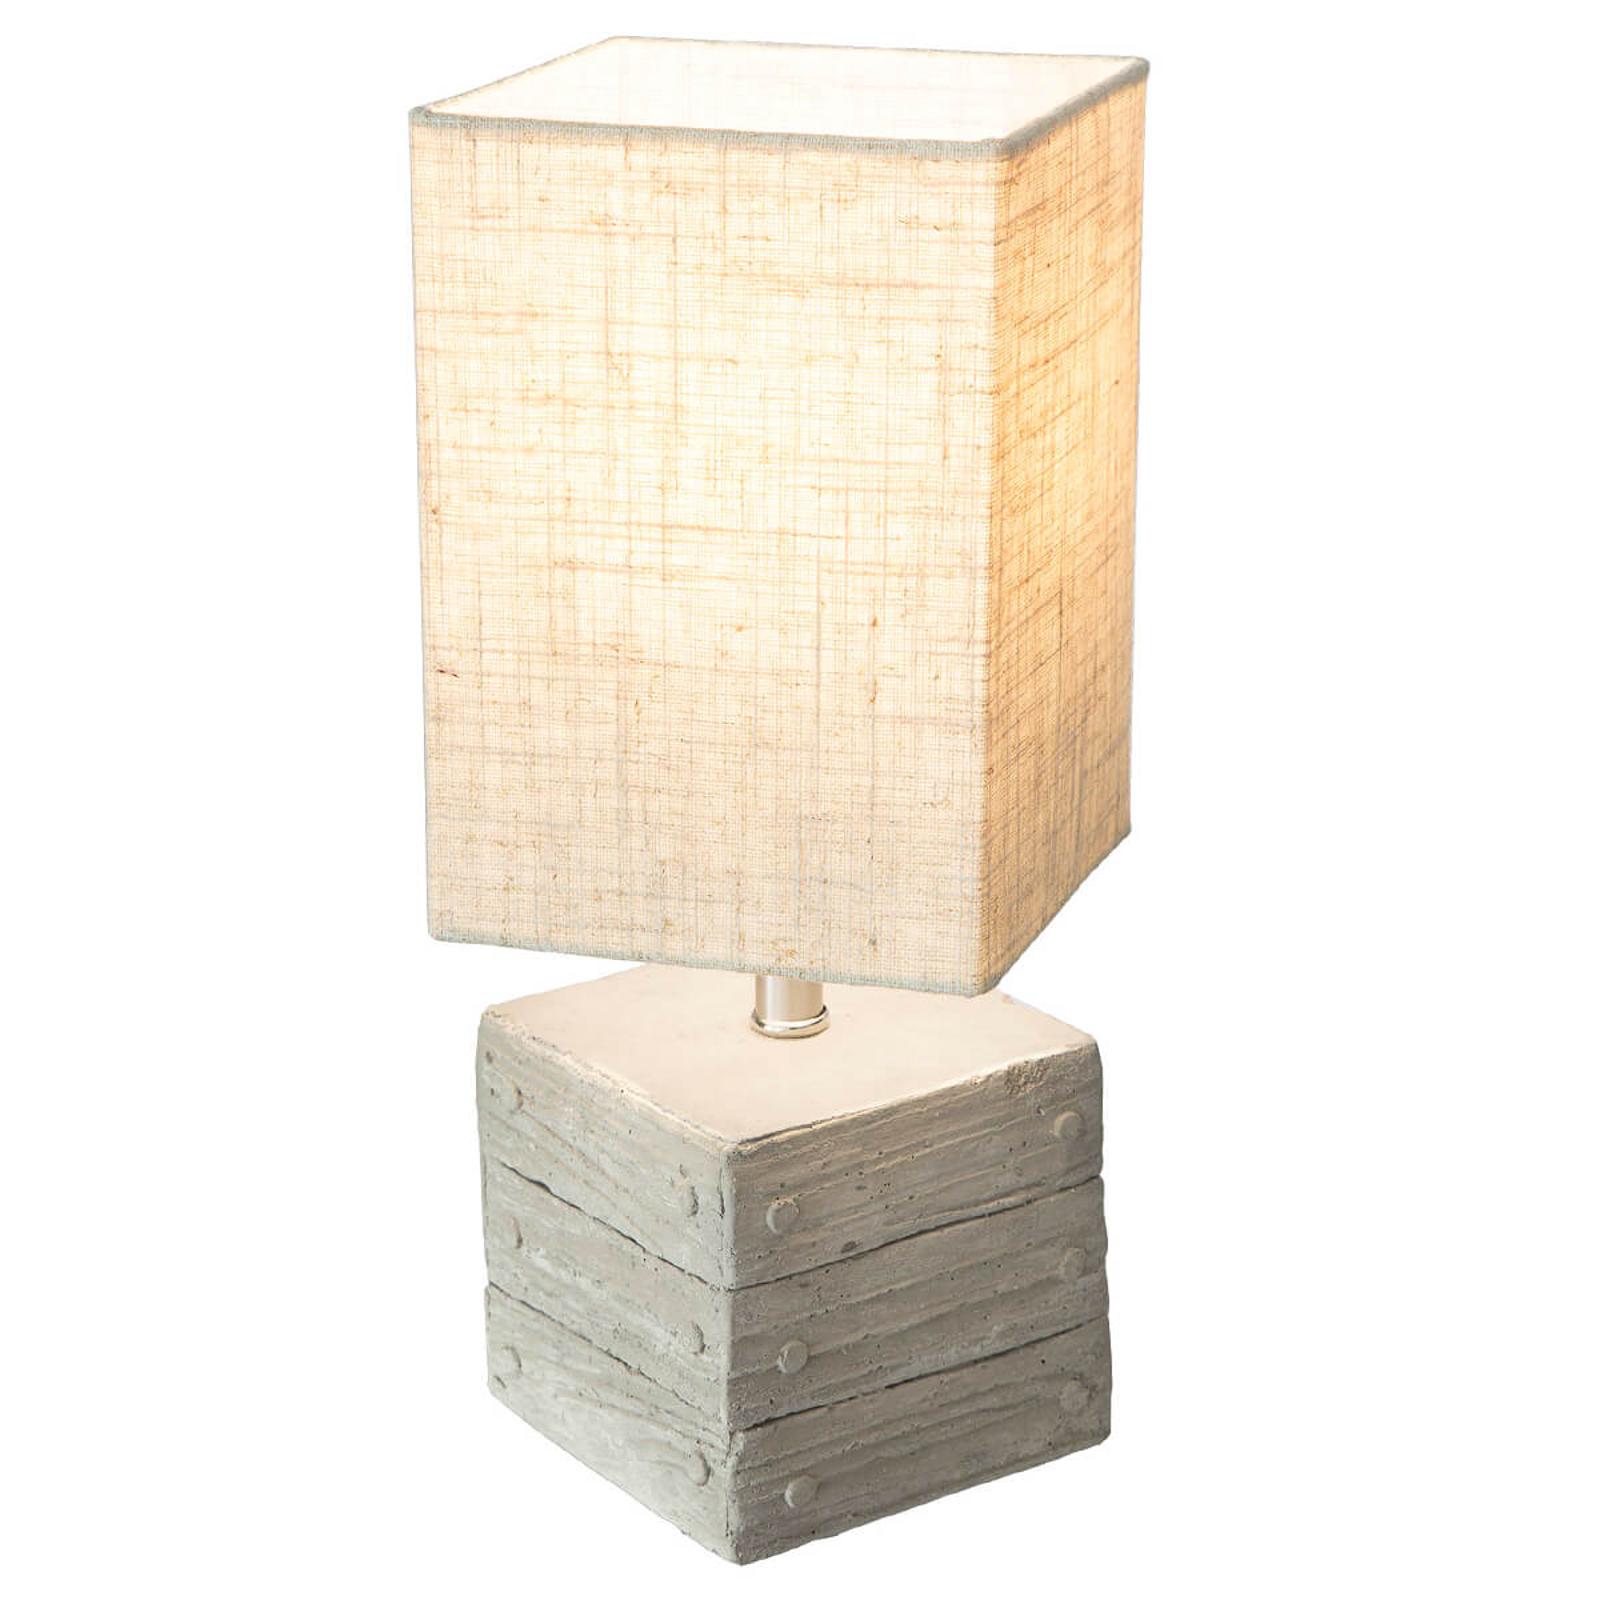 Tafellamp Lisco doosvormige betonvoet